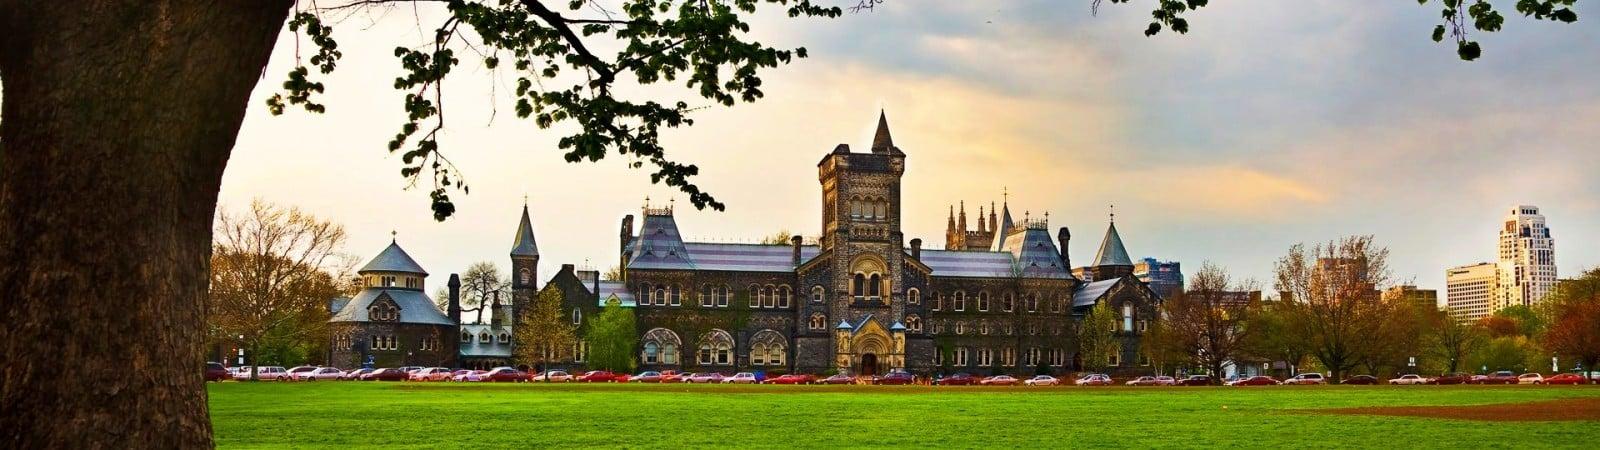 Matrículas universitarias de Canadá aumentan un 3.1%